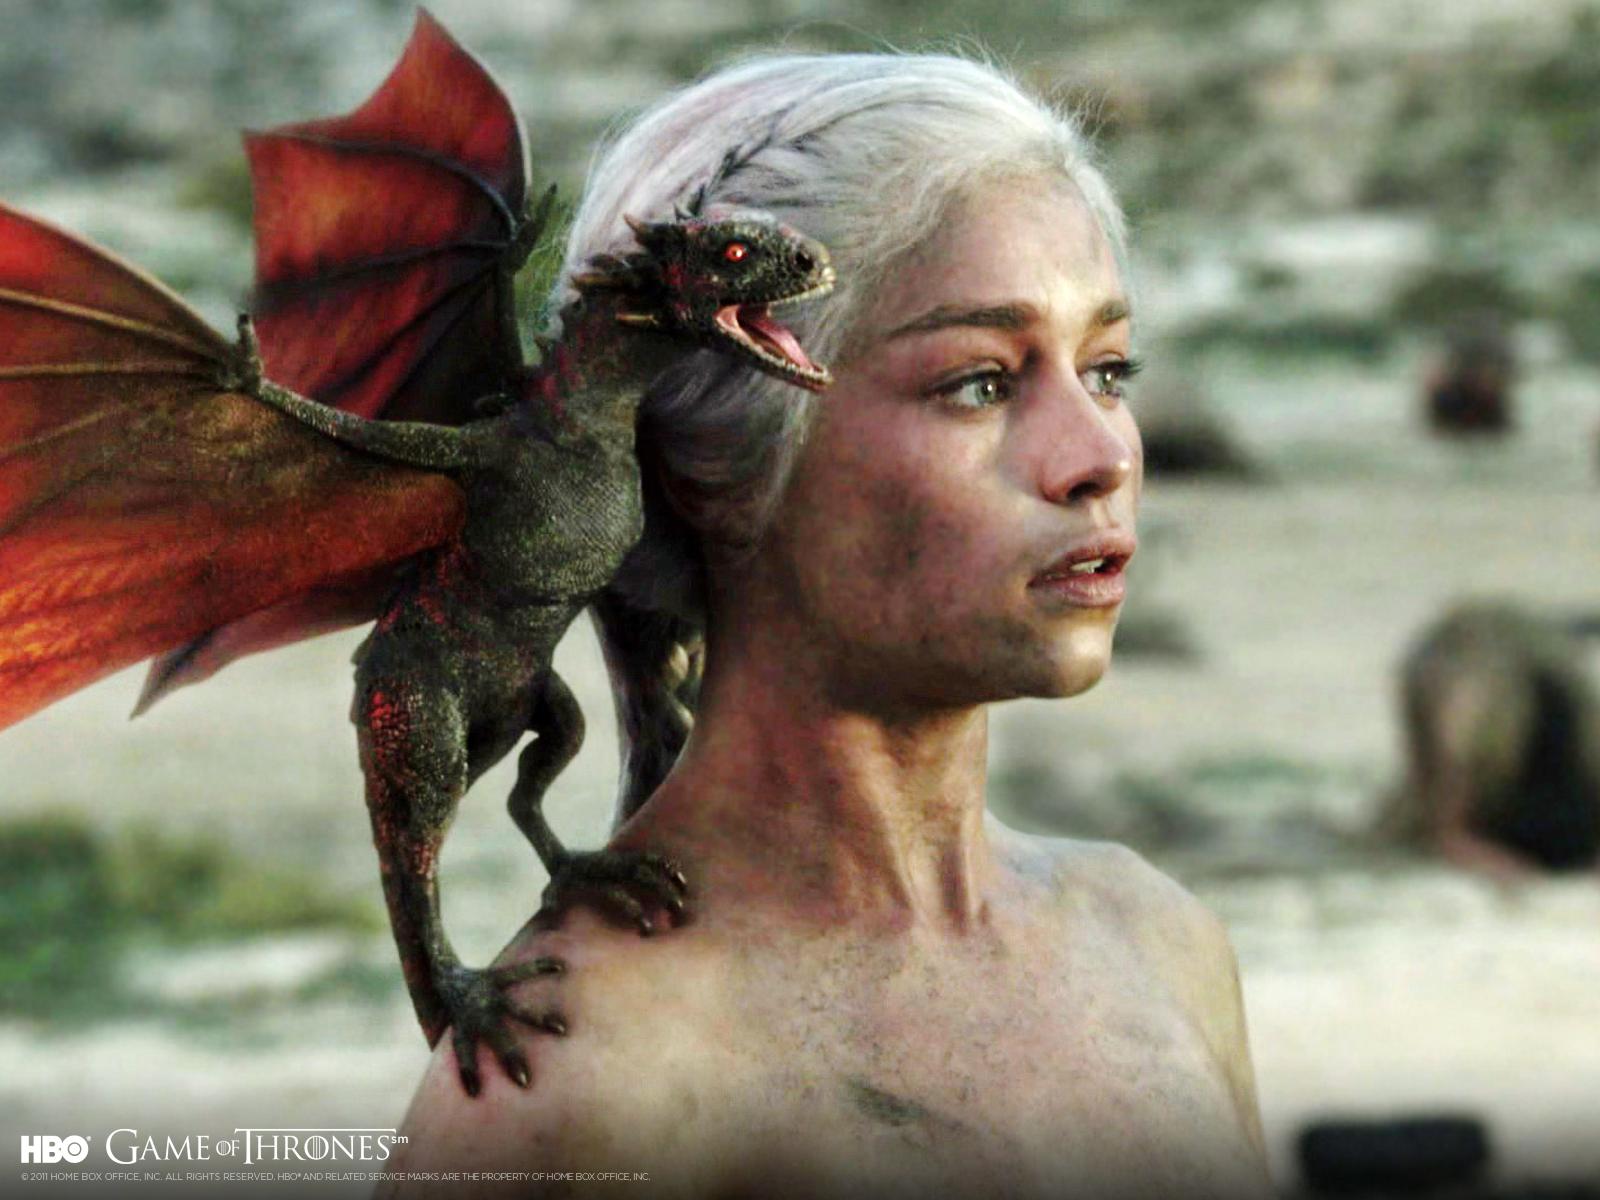 Gra o tron Emilia Clarke sceny seksu